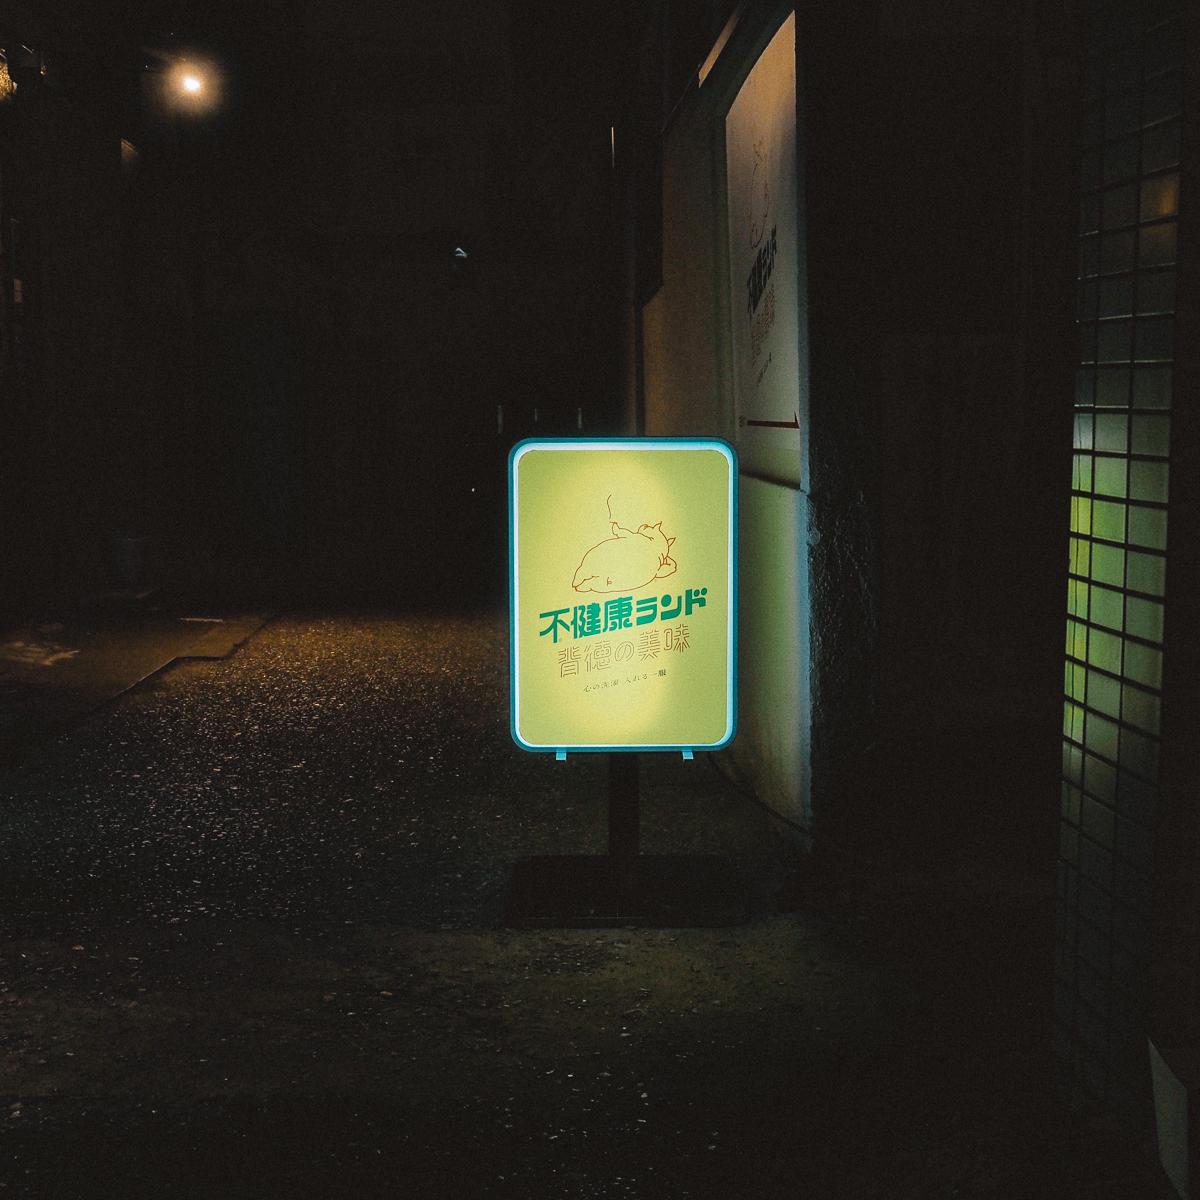 不健康ランド 背徳の美味 根津 千駄木 居酒屋 銭湯 飲み屋 おすすめ リノベーション 谷中